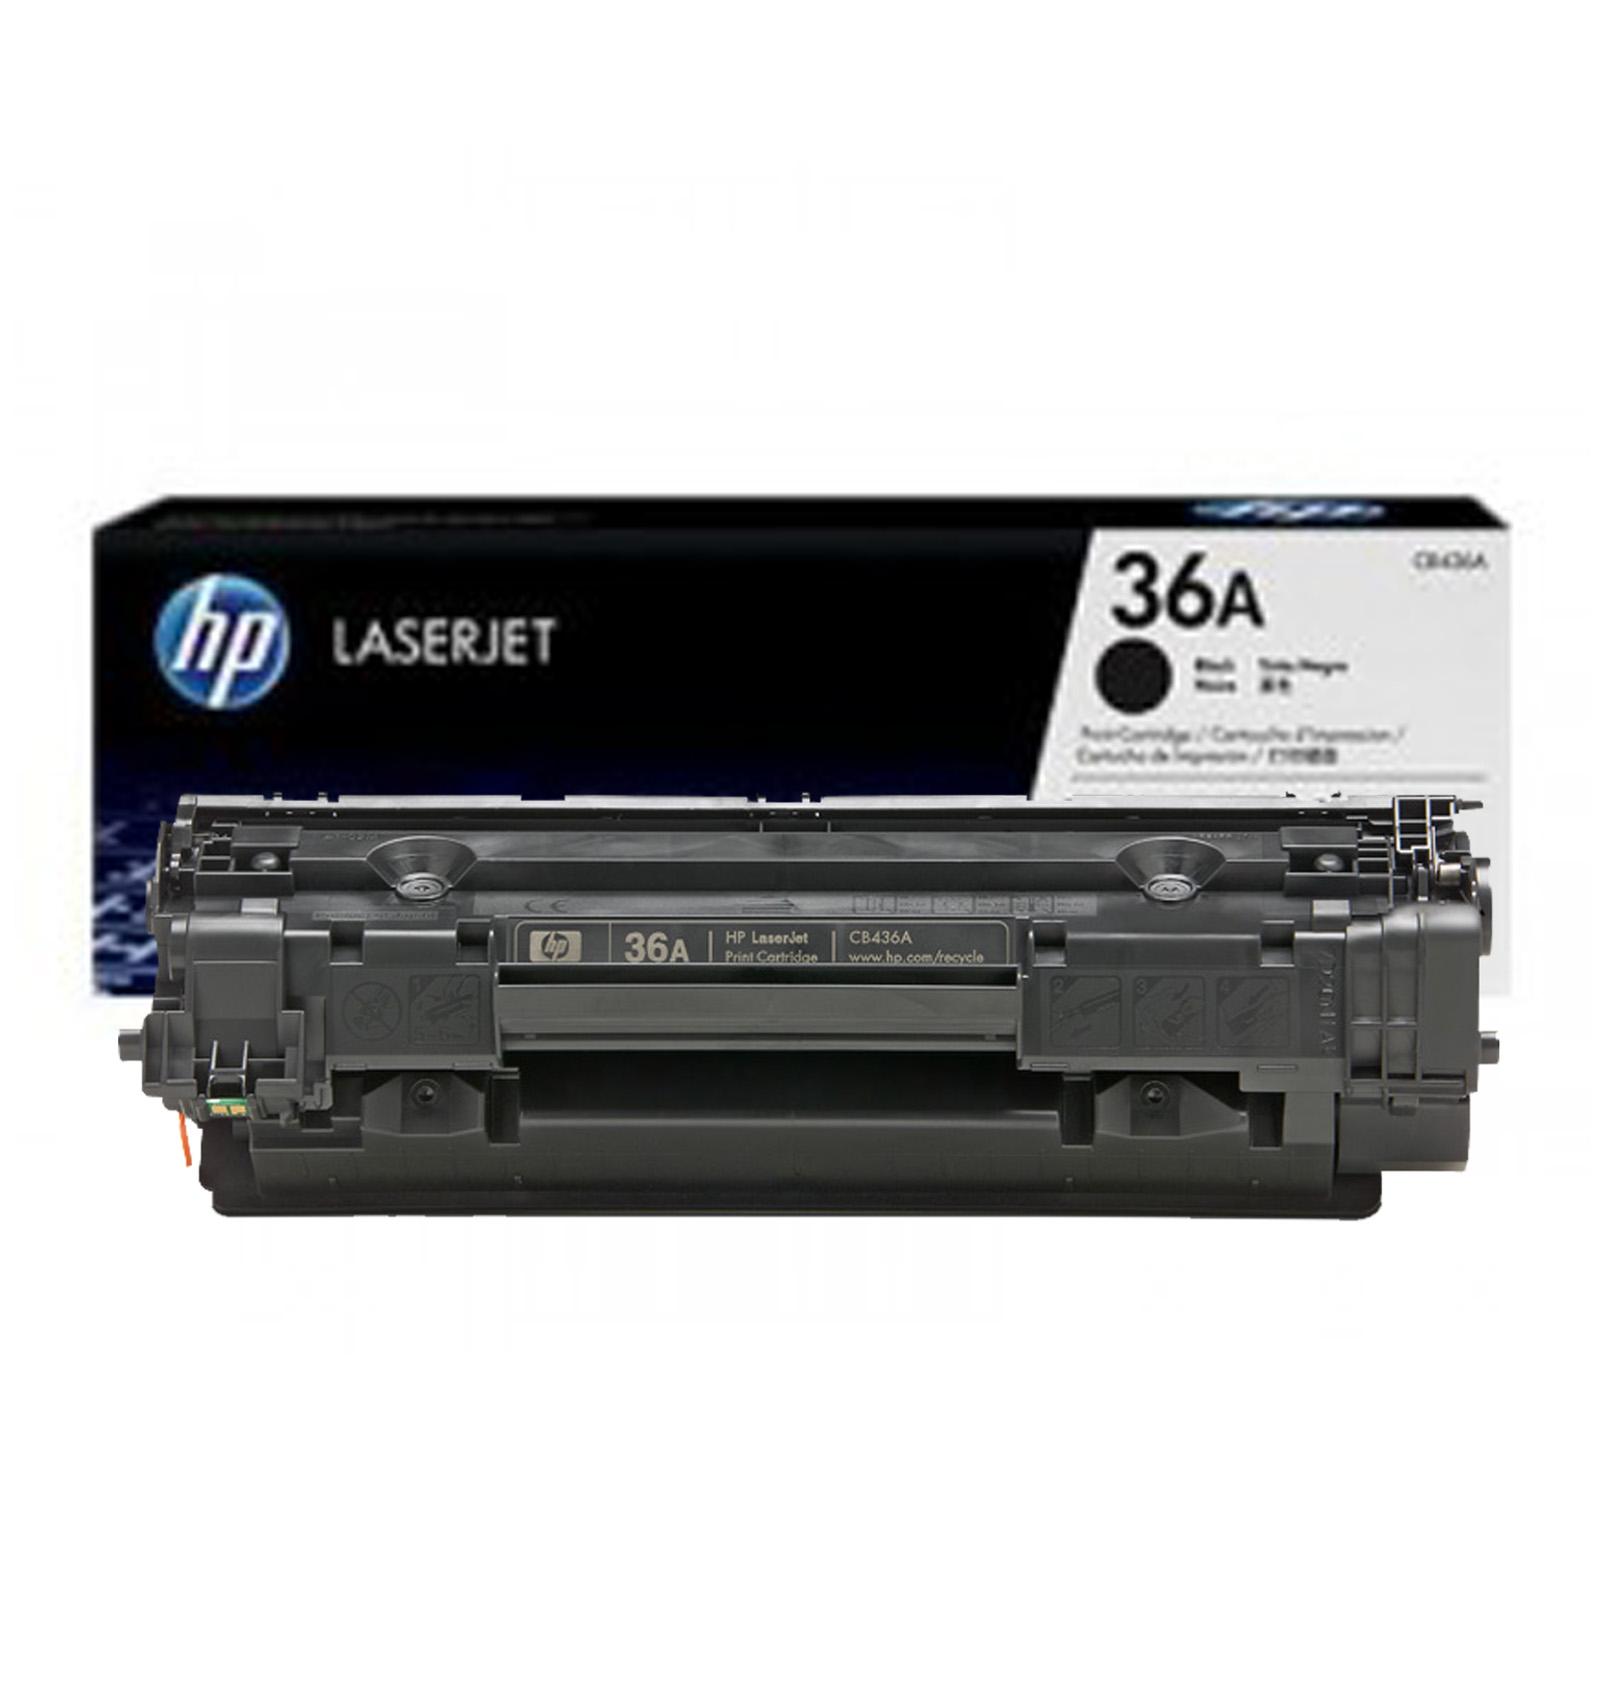 Заправка картриджей HP CB436A (36A) для LaserJet P1505/ P1505n/M1120/M1120n/M1522n/M1522nf